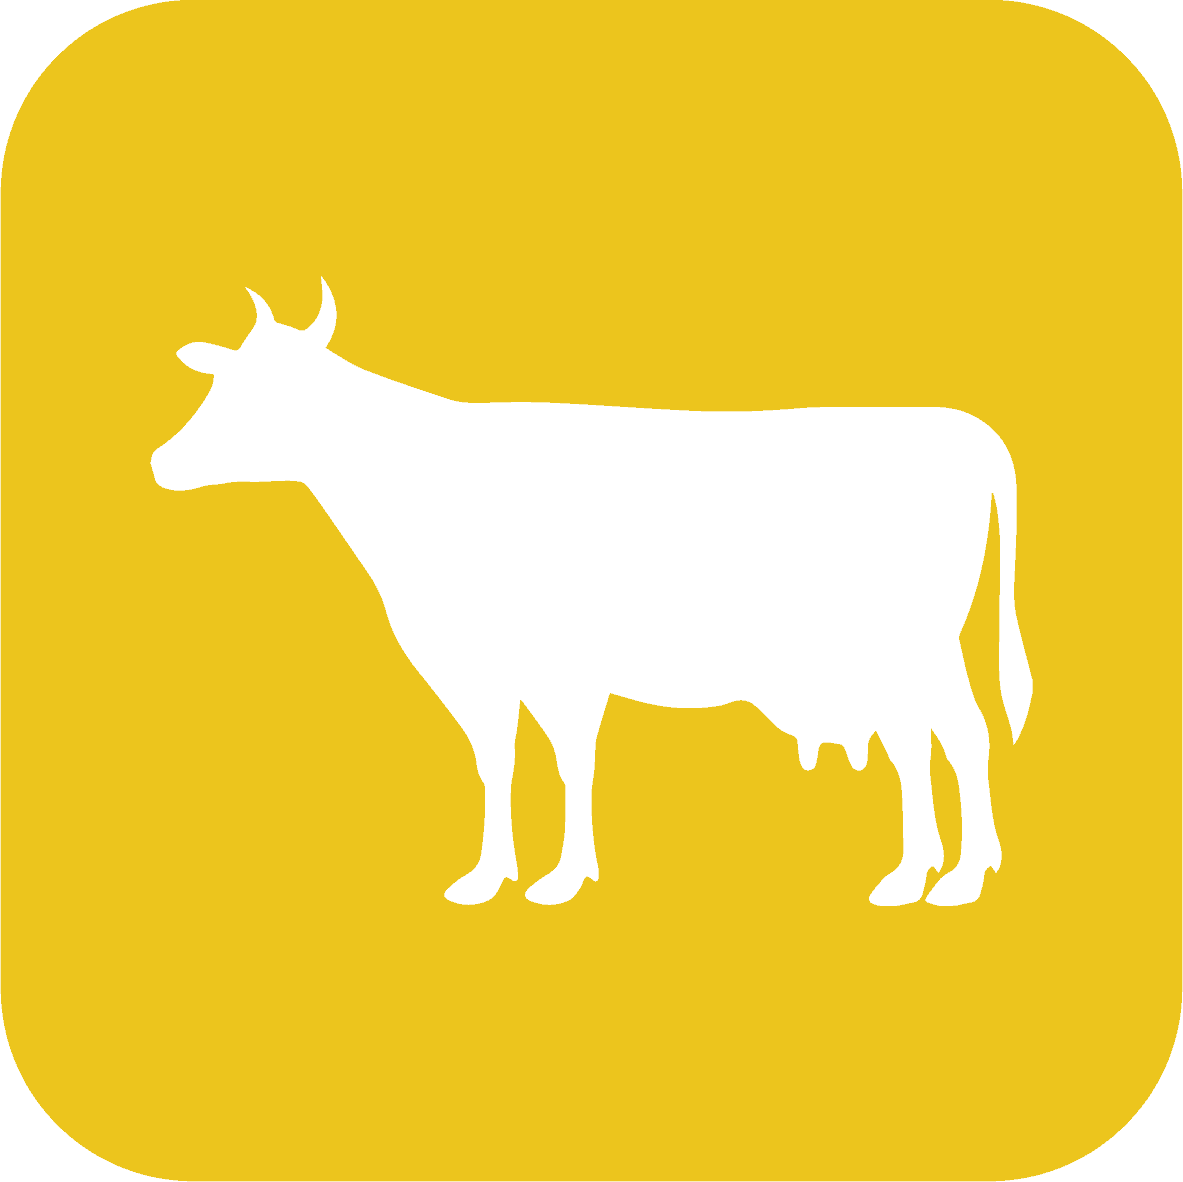 ไอคอน รั้วล้อมวัวของรั้วตาข่ายถักปม รุ่นสูง 120 ซม.